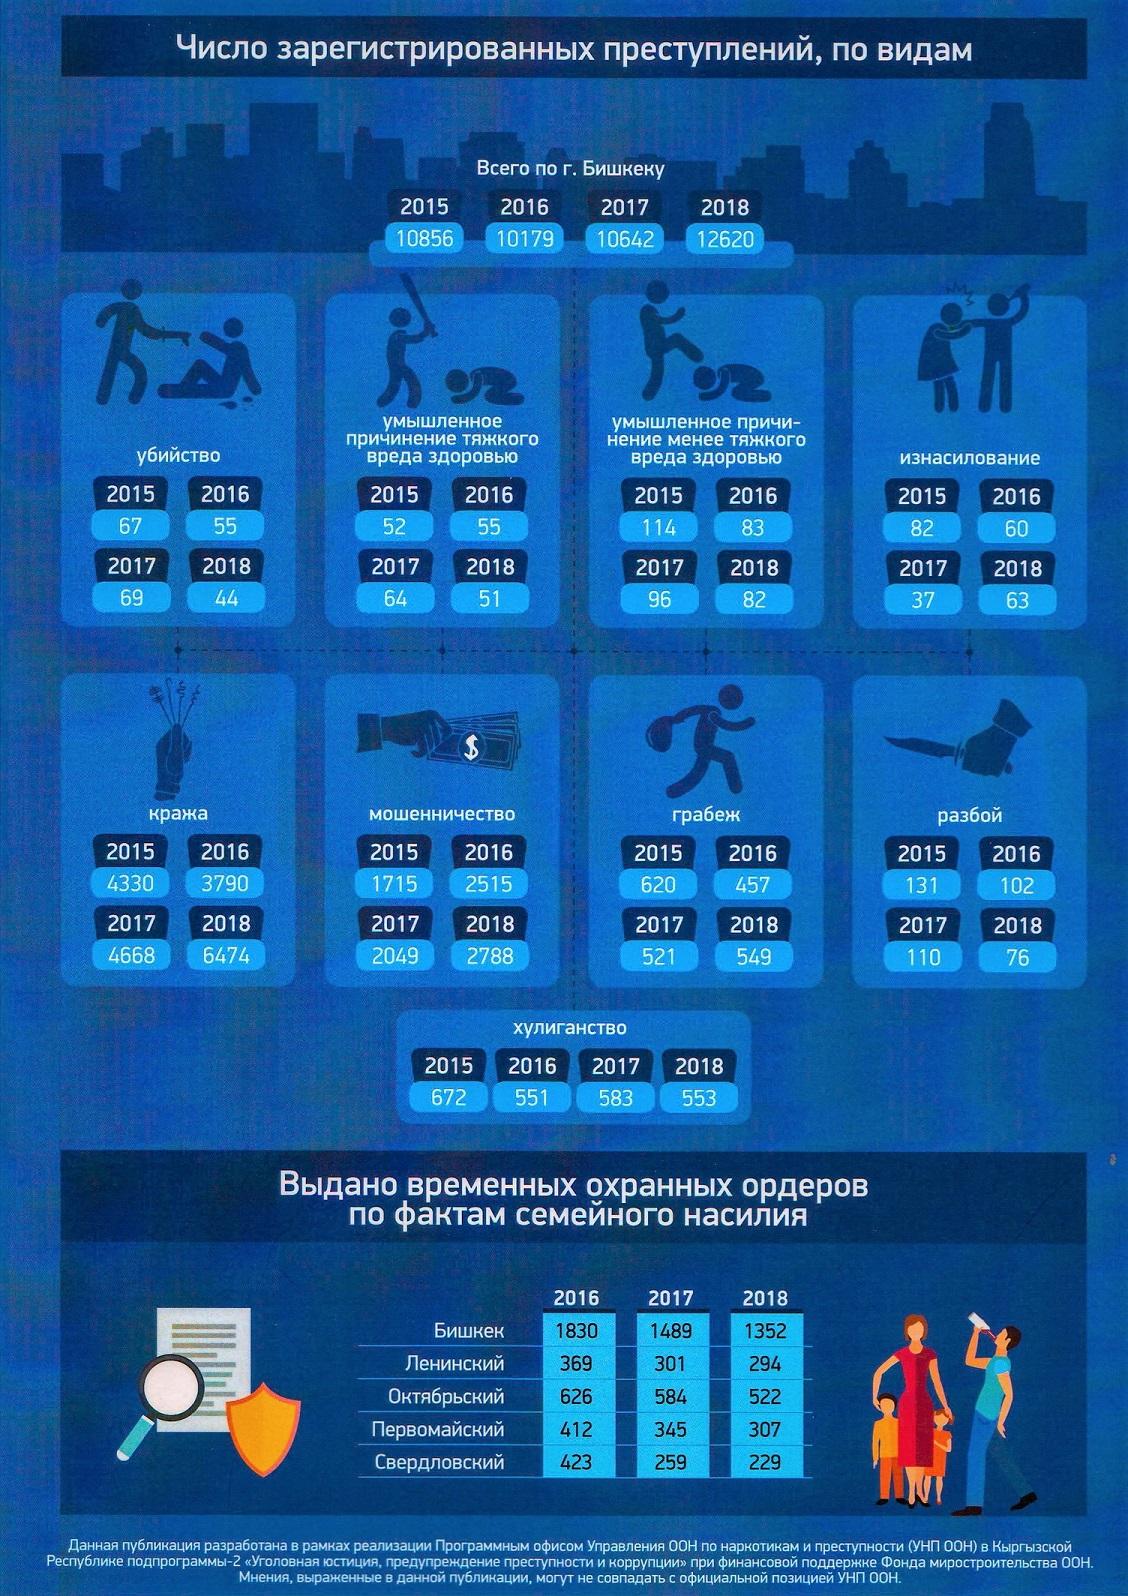 Секс-агрессия, убийства, грабежи. Почти 30 тысяч преступлений совершено в Кыргызстане за год.